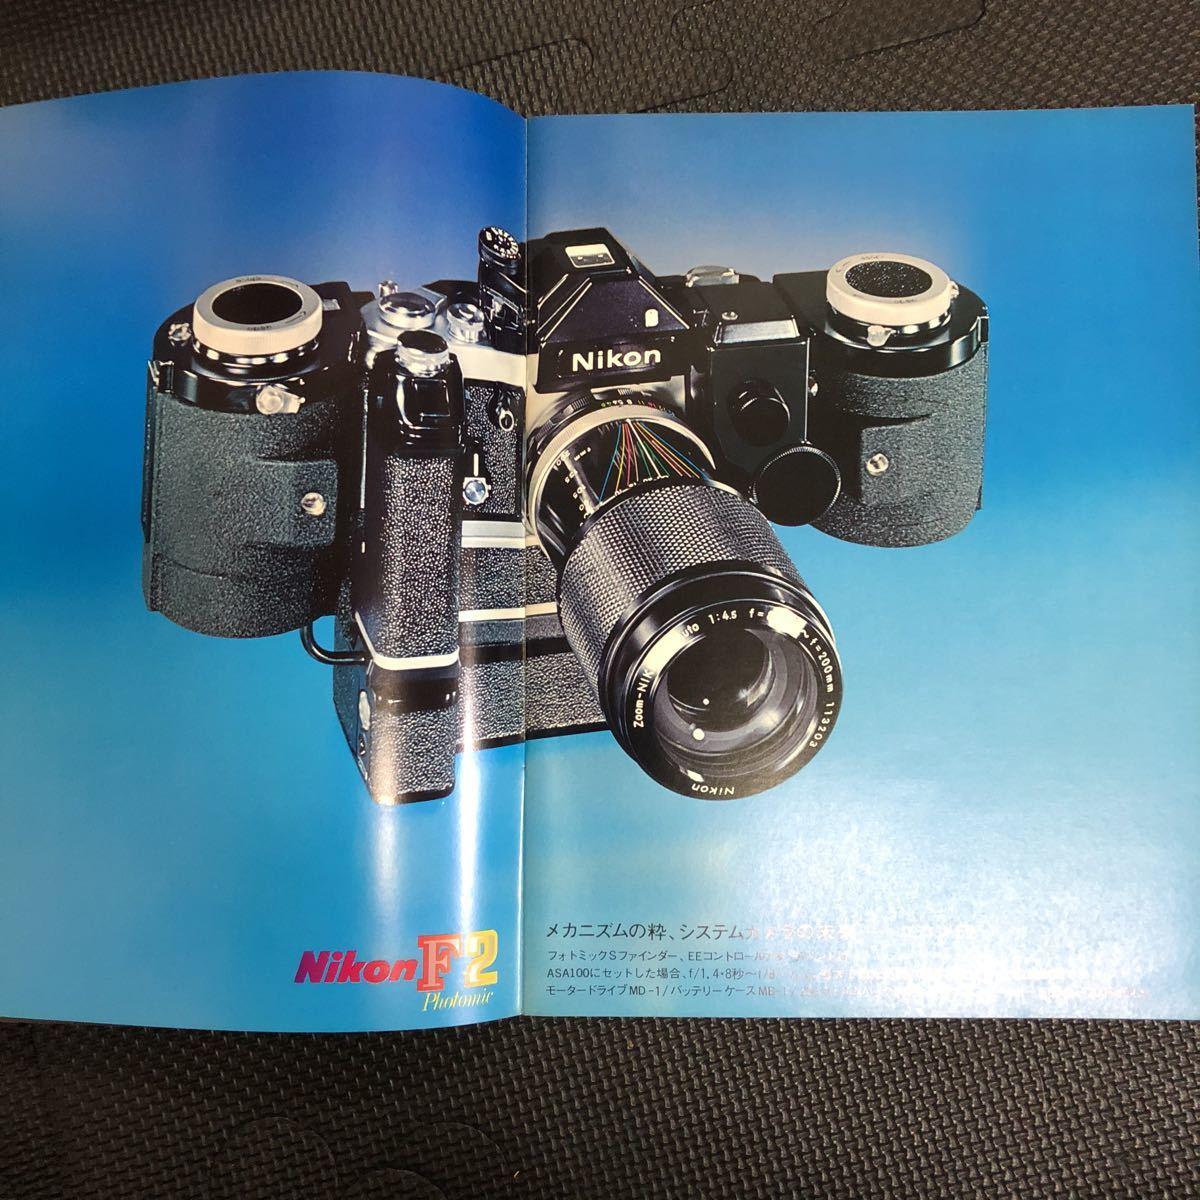 ニコン NIKON F2 photomic カタログ 当時物_画像3